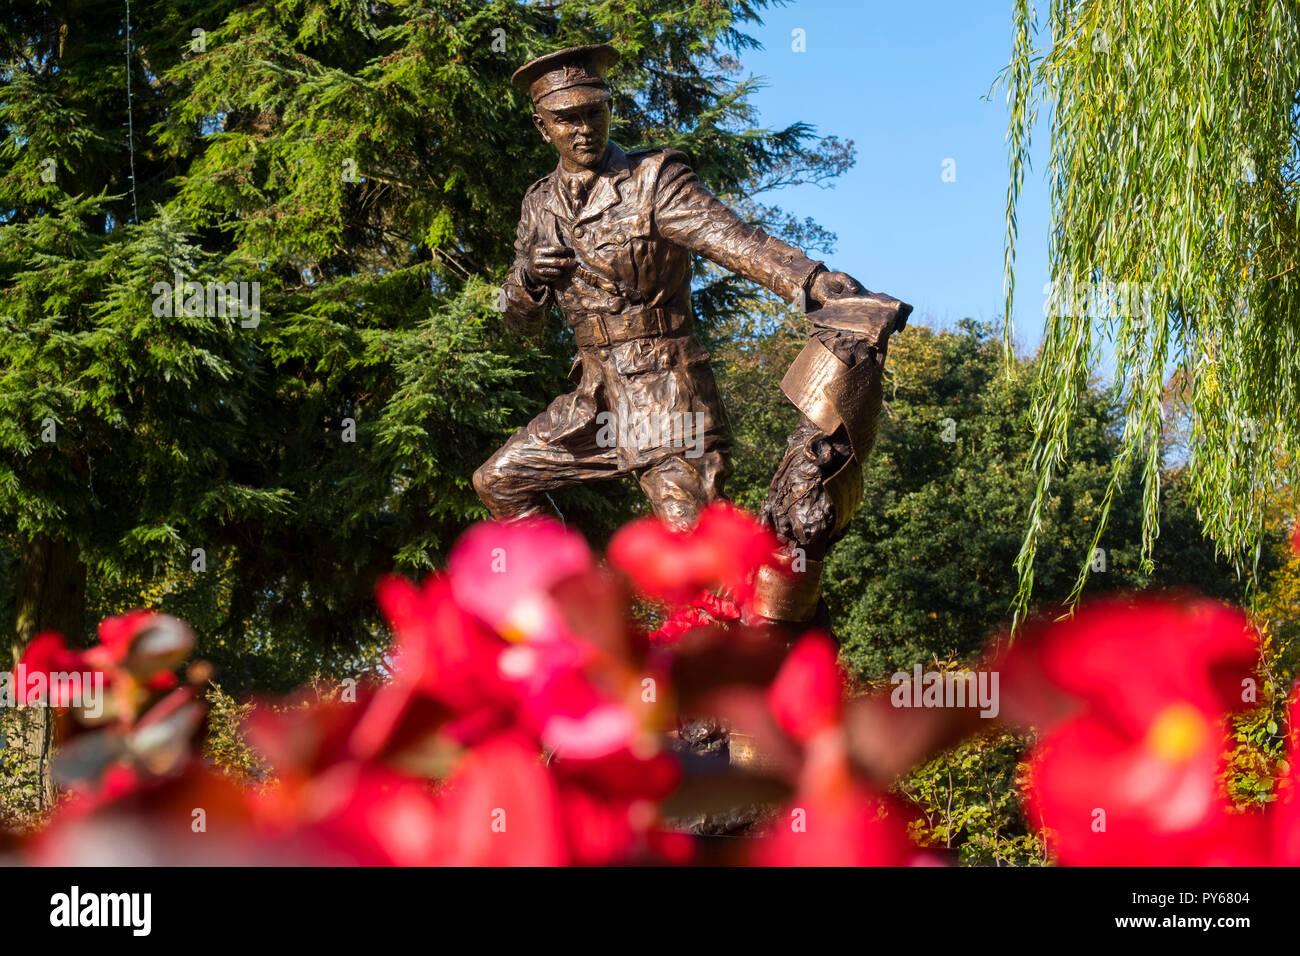 Statue Of World War One Poet Wilfred Owen By Artist Tim